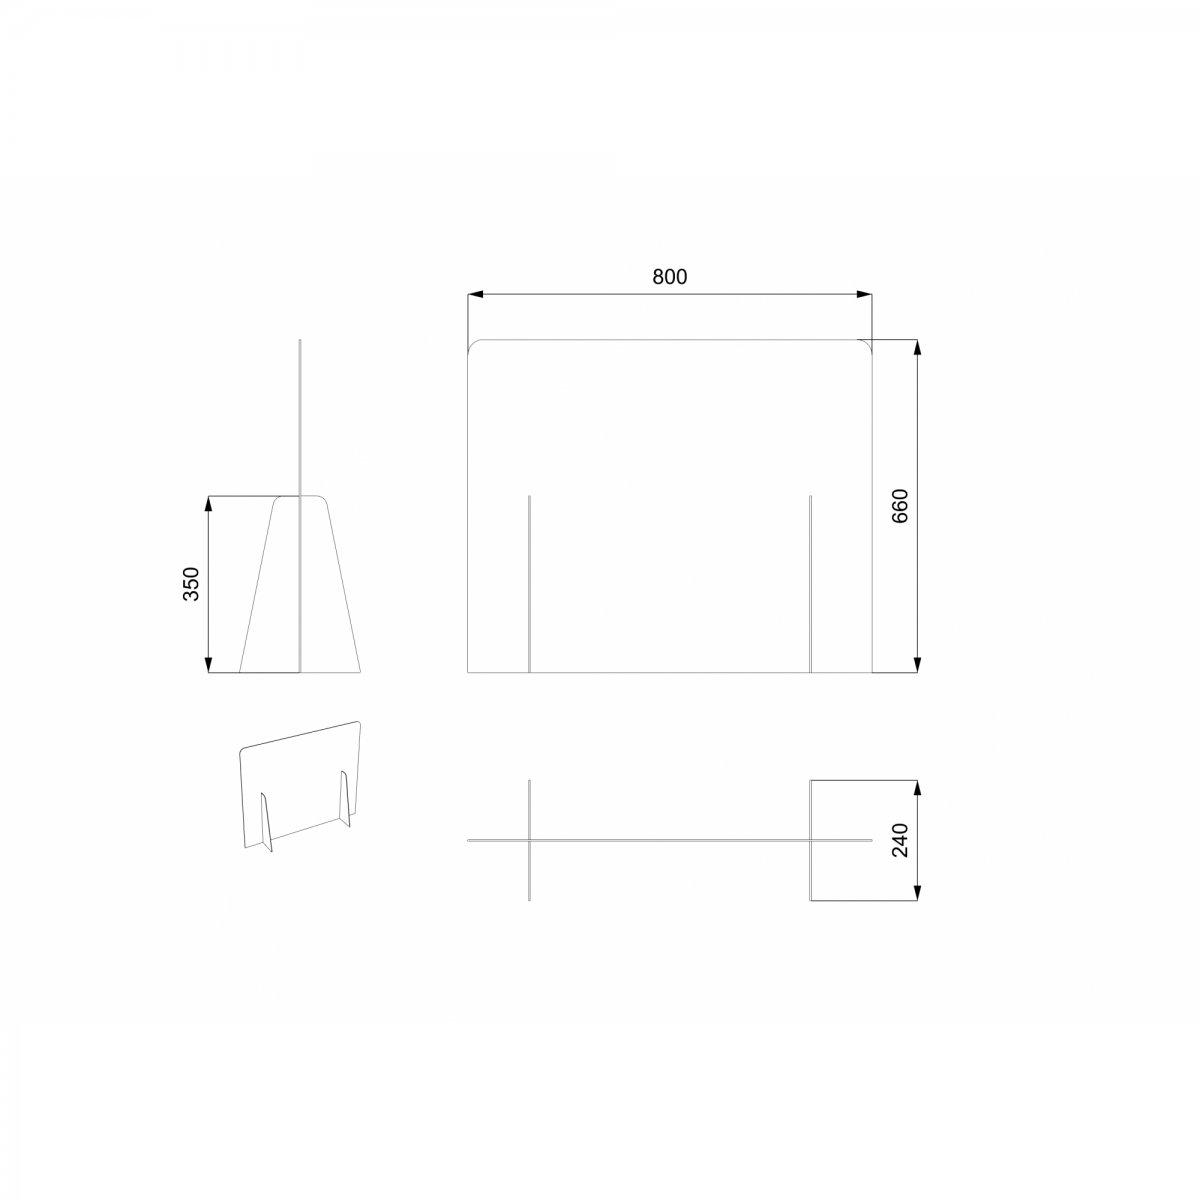 Keihome Covid-19 SCHERMO PROTETTIVO sp. 3 mm senza foro 80 x 66 cm